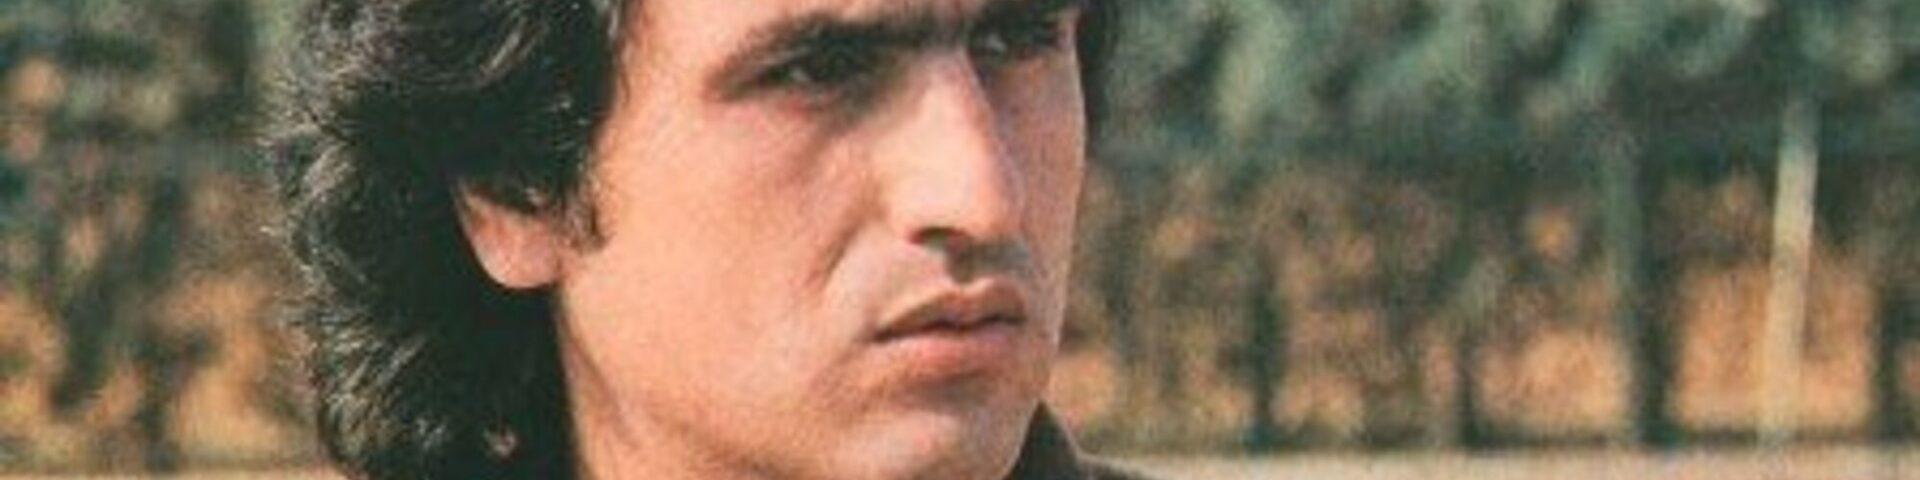 Ciò che non sapevi su… Il vero italiano, Toto Cutugno o Adriano Celentano?